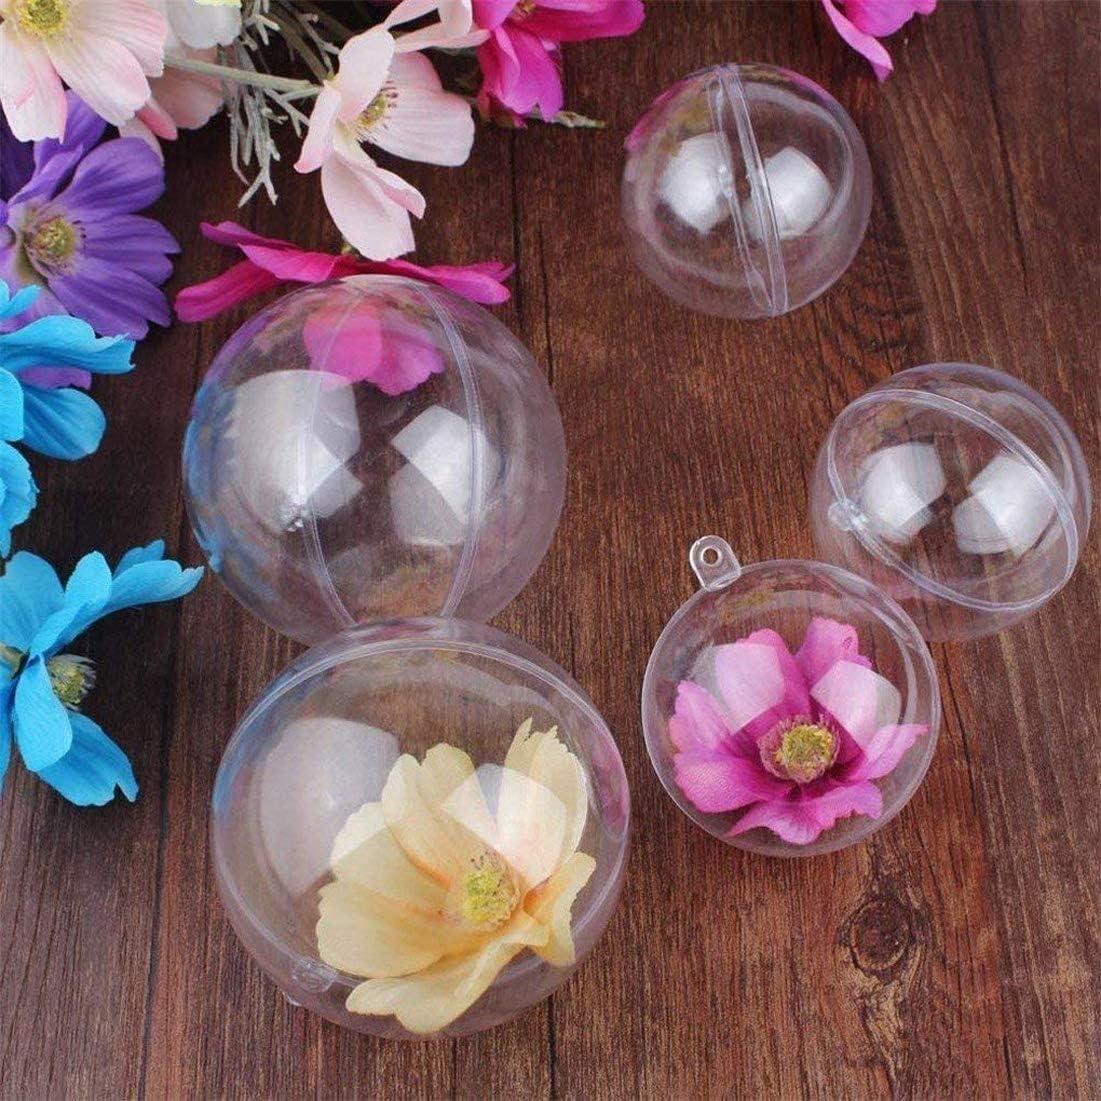 Yeelan Plastique Transparent Acrylique Remplissable Boule Transparente Boule Ornement Boule Sph/ère pour La F/ête De Mariage No/ël D/écor /À La Maison 60mm,Ensemble de 24 Pcs